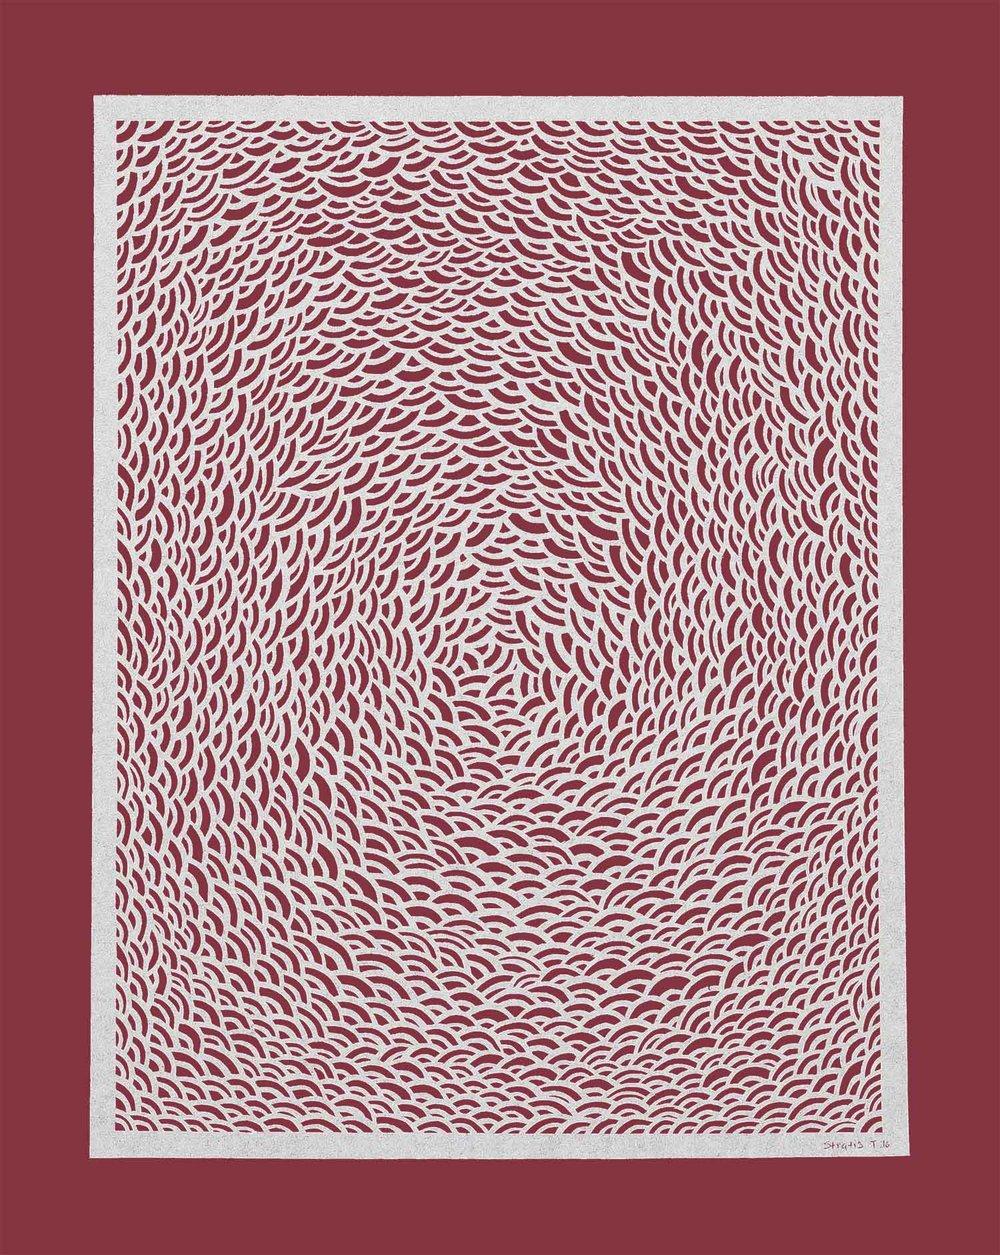 stratis_tavlaridis_untitled_white arcs_large_on_red.jpg